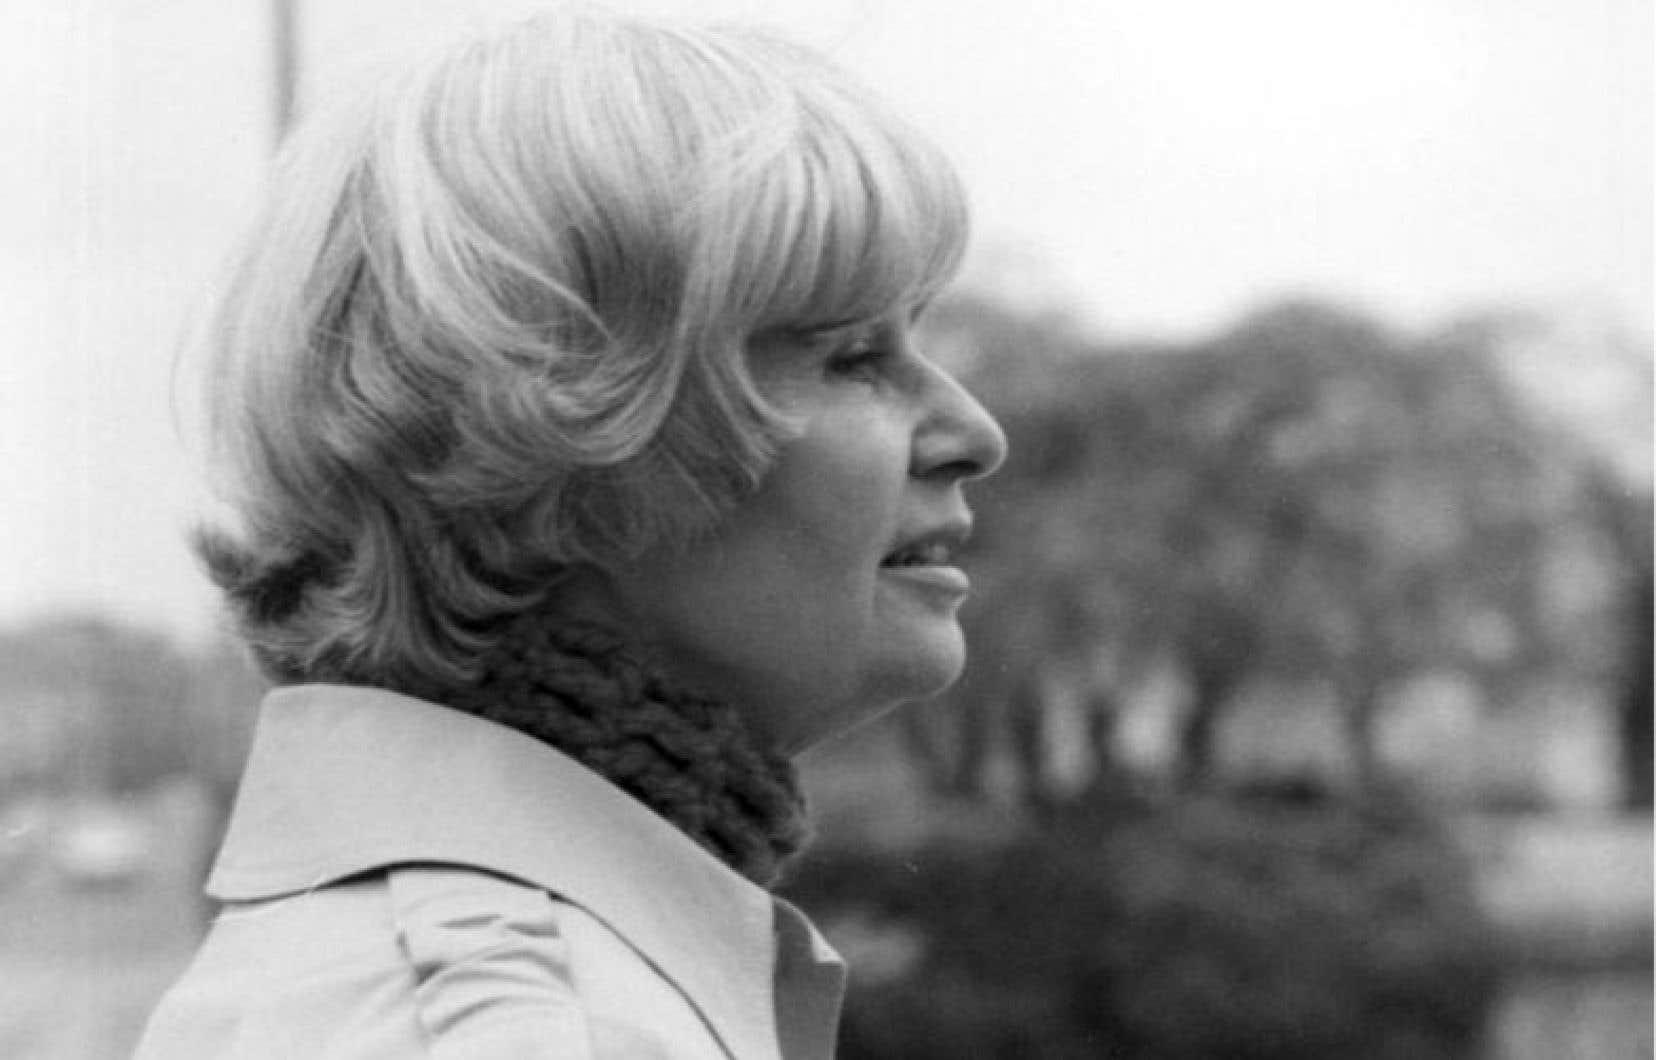 Anne Hébert, figure majeure de la littérature québécoise du XXe siècle. Ce que l'on connaît d'elle se résume vite: sa beauté, sa discrétion légendaire, sa vie à Paris entre 1965 et 1997. Ses livres.